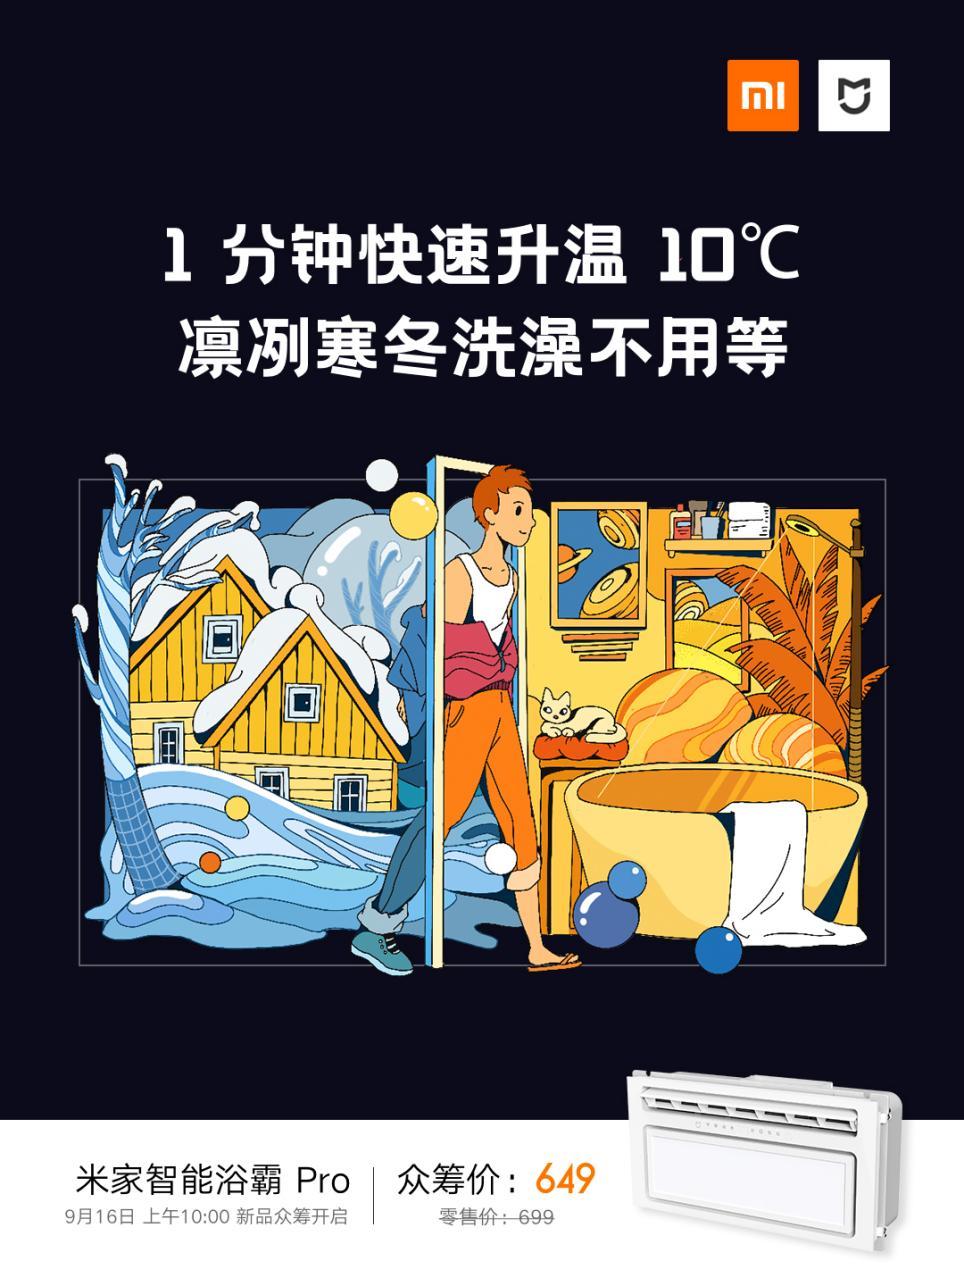 649元 米家智能浴霸Pro众筹